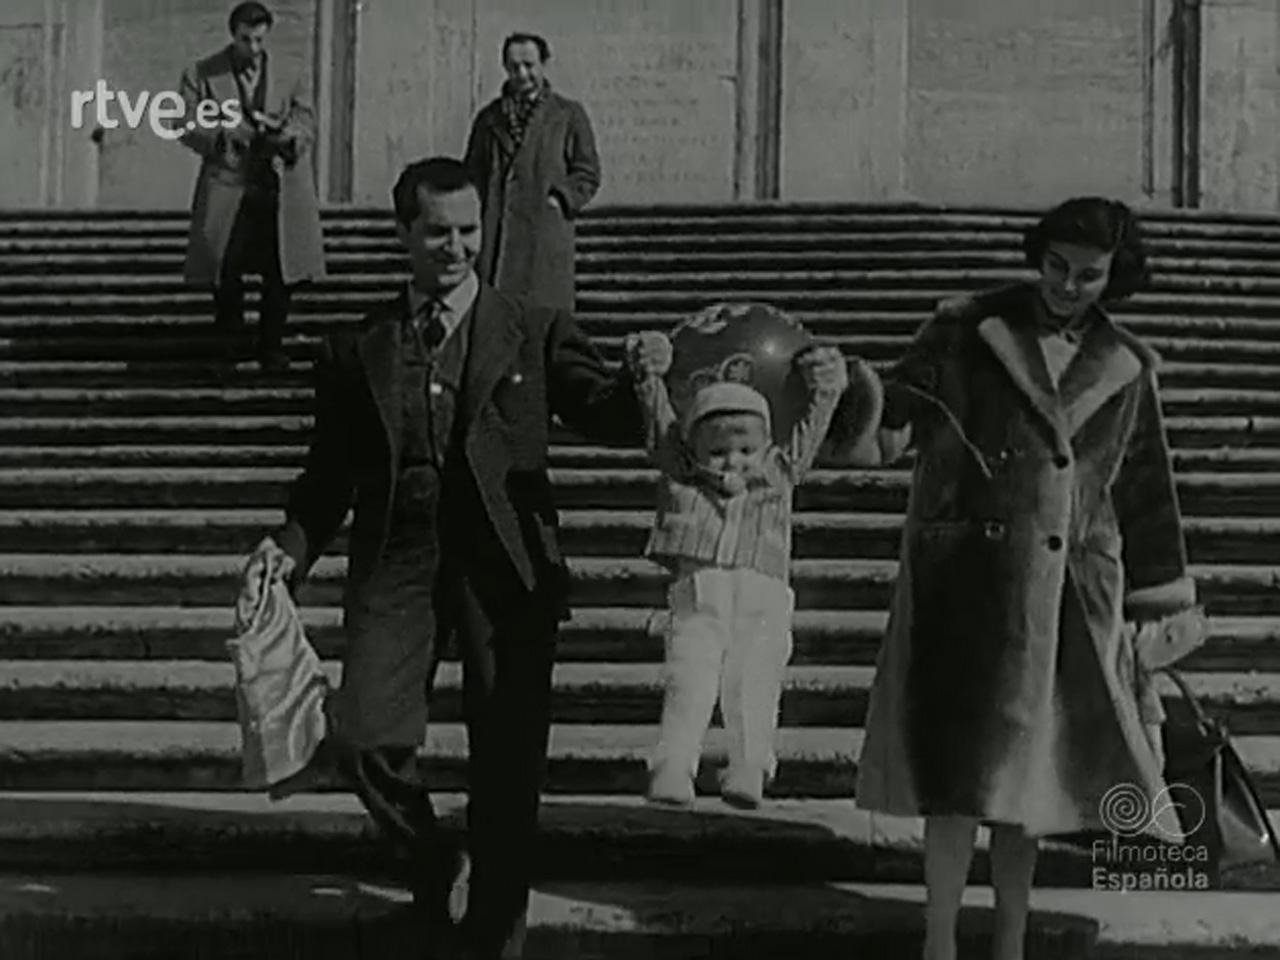 Imagen noticiero del 24-03-1958